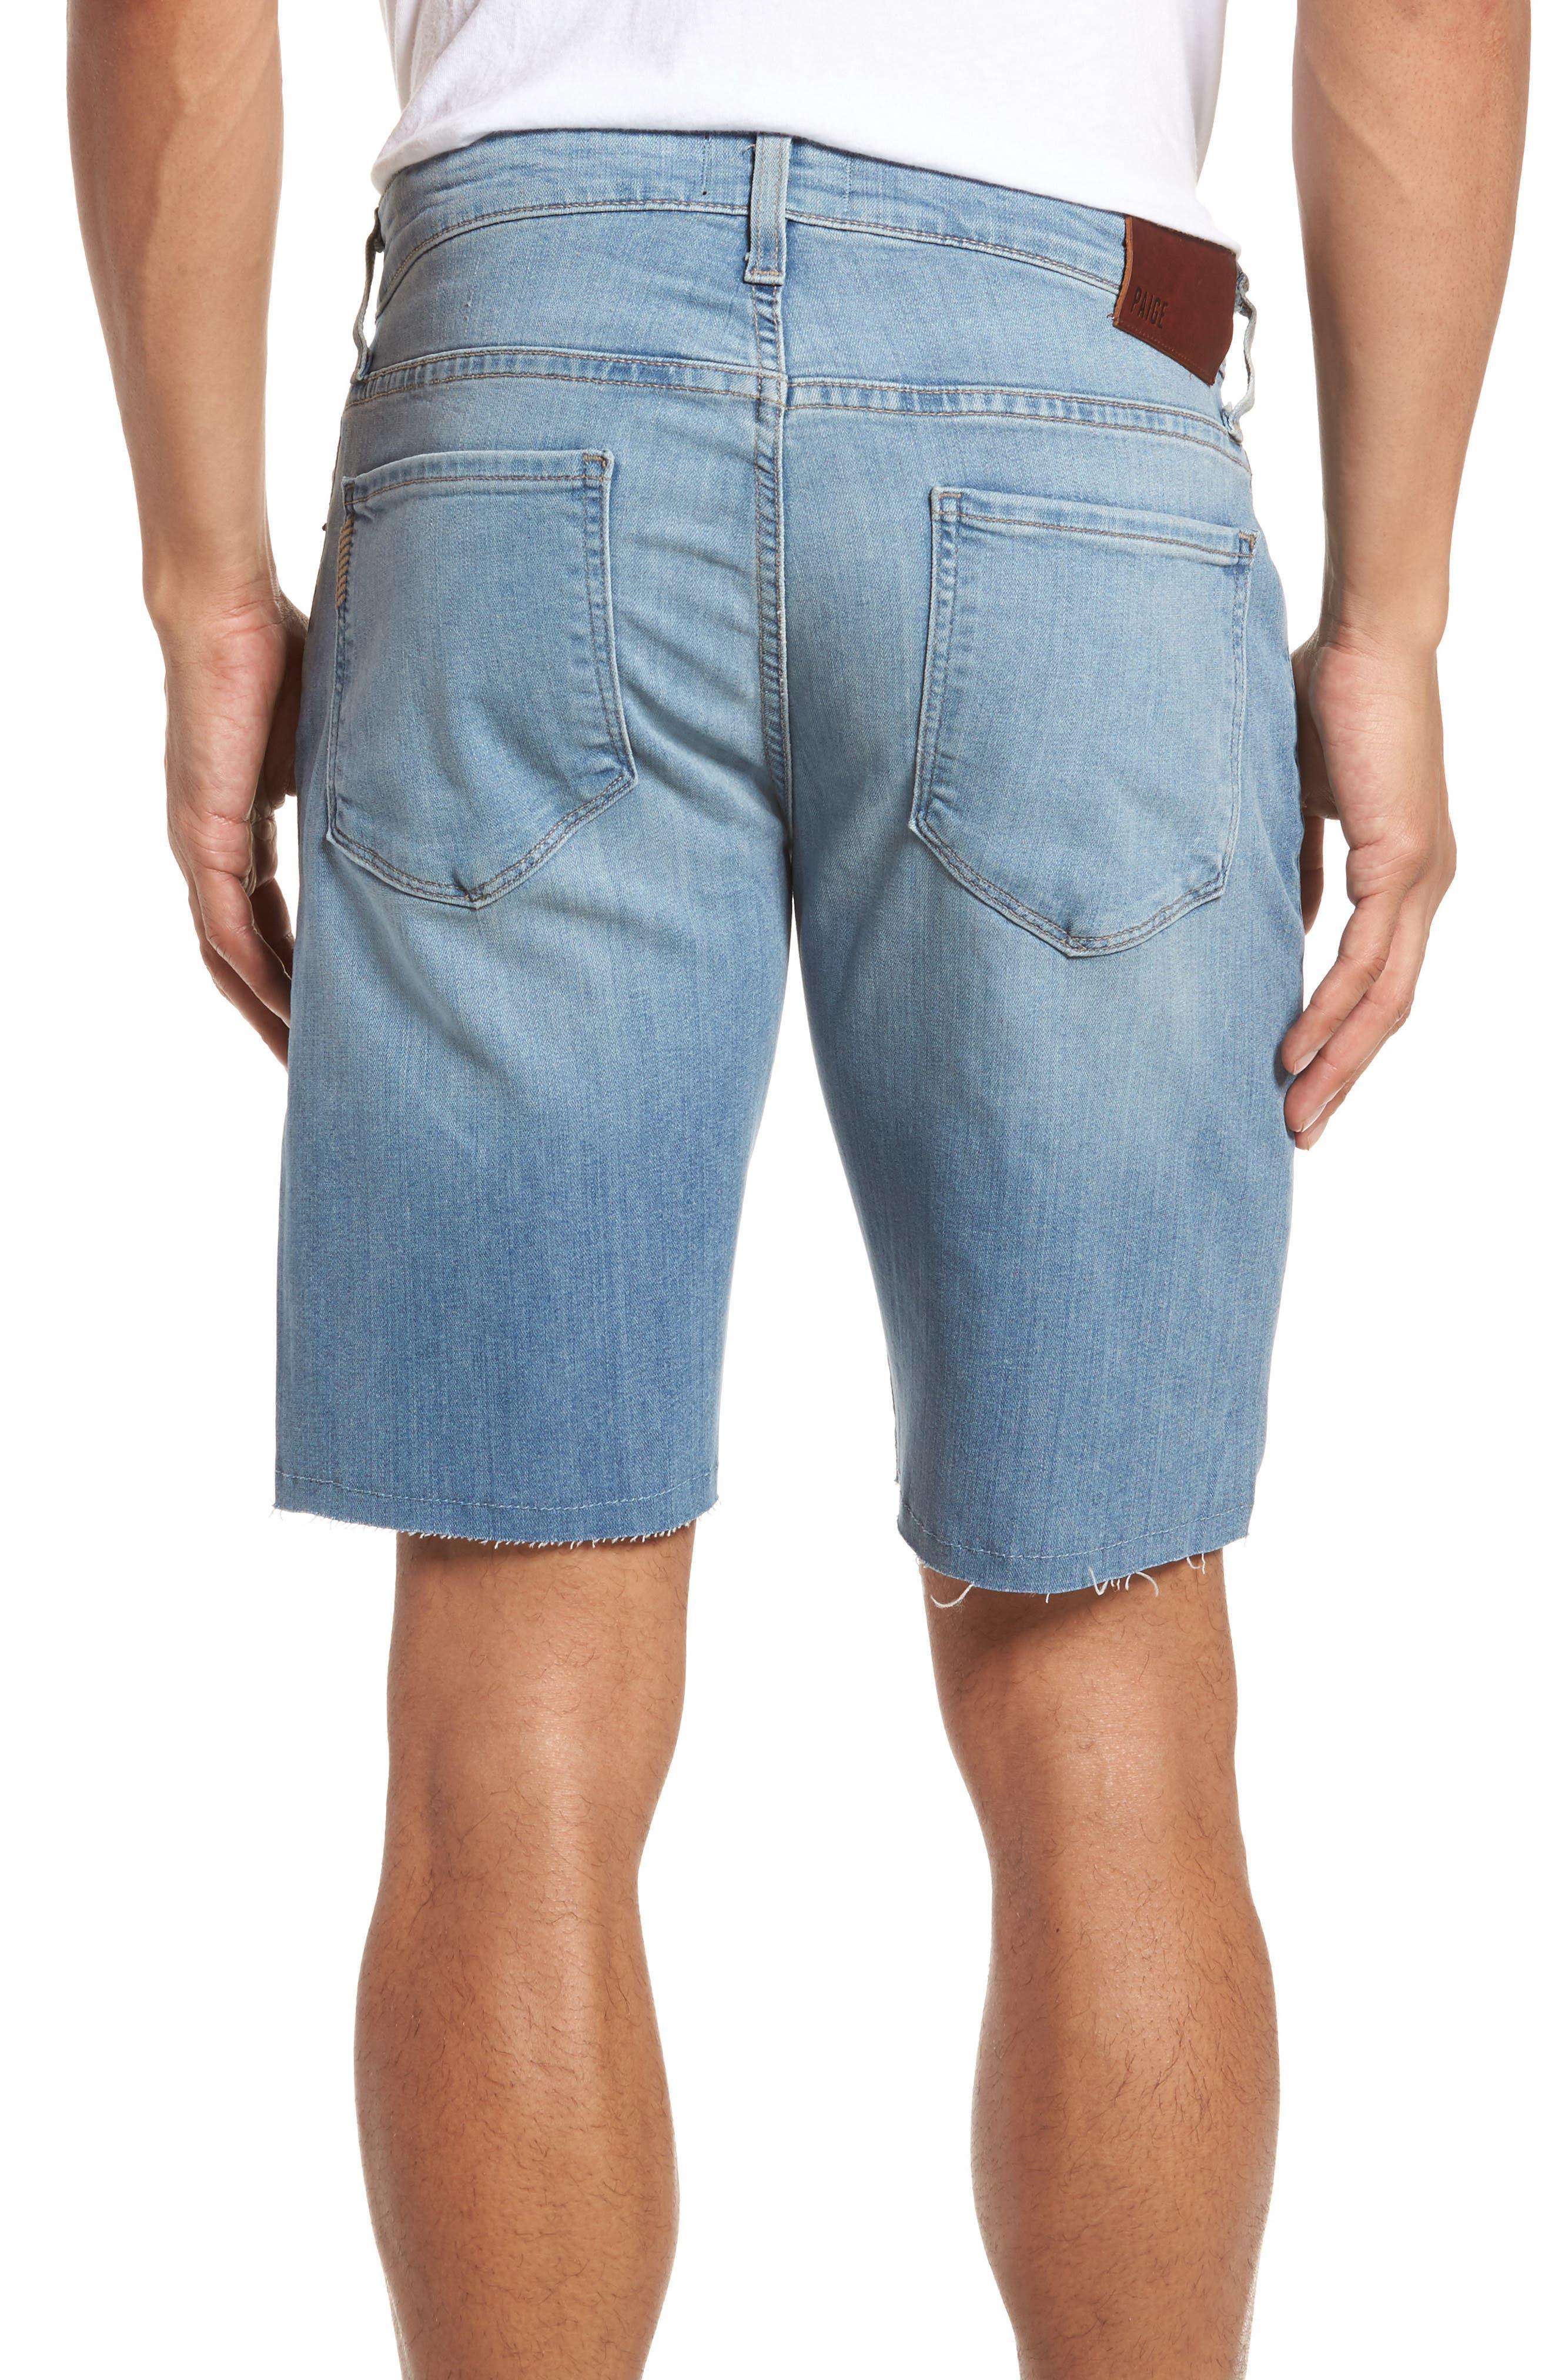 Transcend - Federal Slim Straight Leg Denim Shorts,                             Alternate thumbnail 2, color,                             Roller